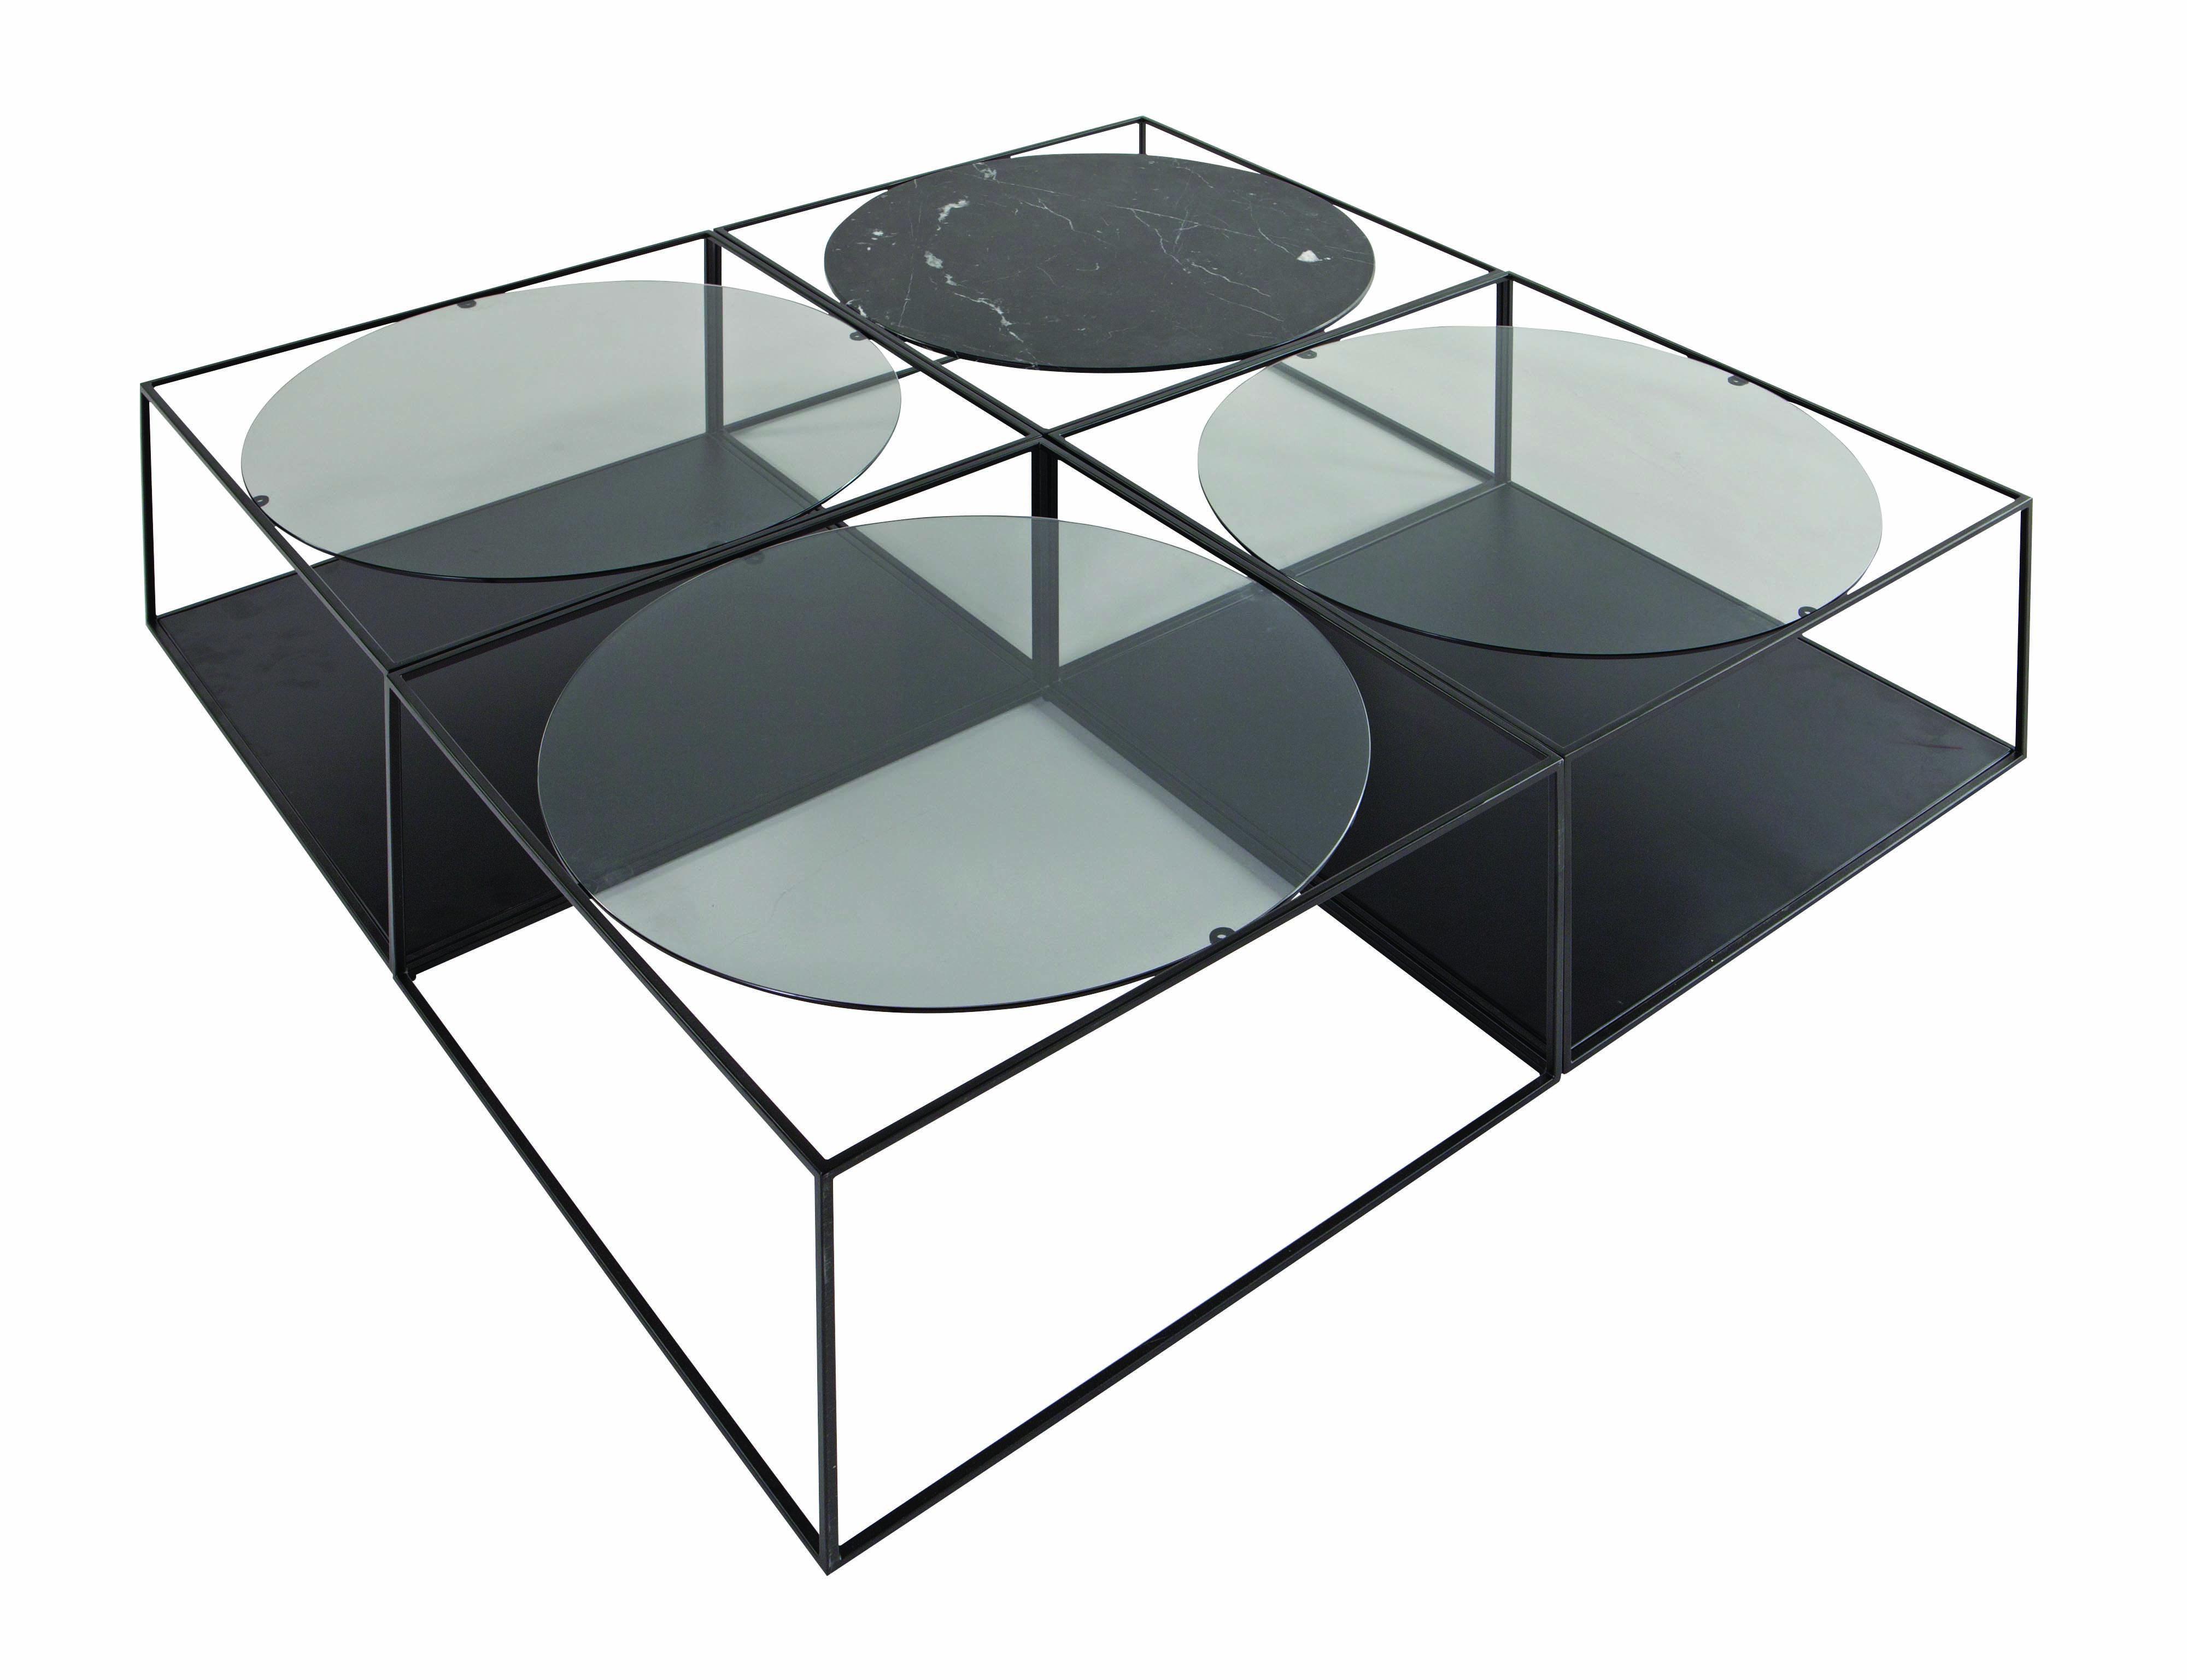 184ed4ae78581115d3f0ba121c96a8c5 Impressionnant De Tables Basses Roche Bobois Des Idées